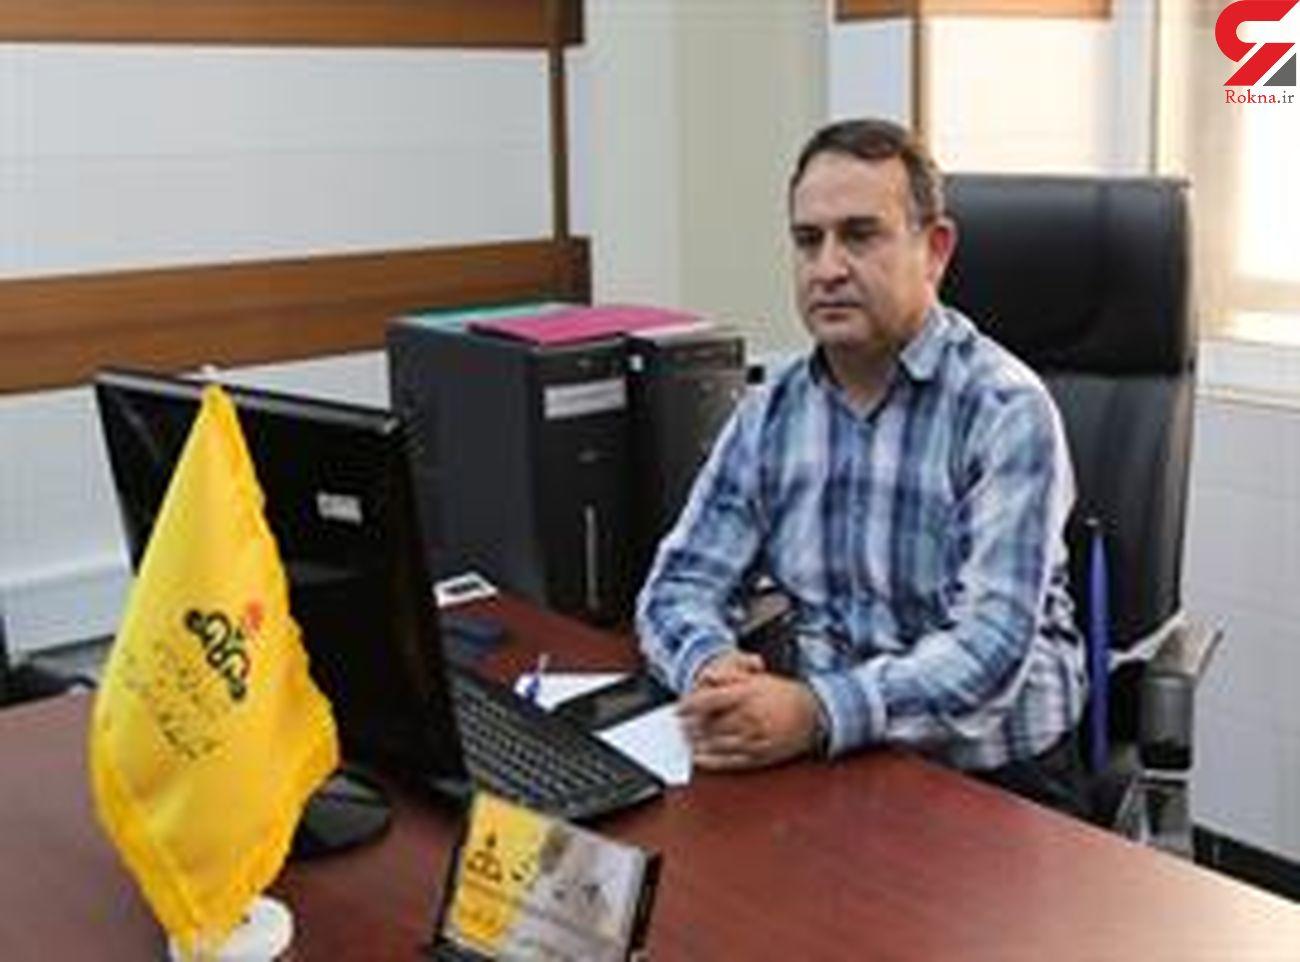 بزرگترین گلخانه صنعتی استان در شهرستان هلیلان گازدار شد